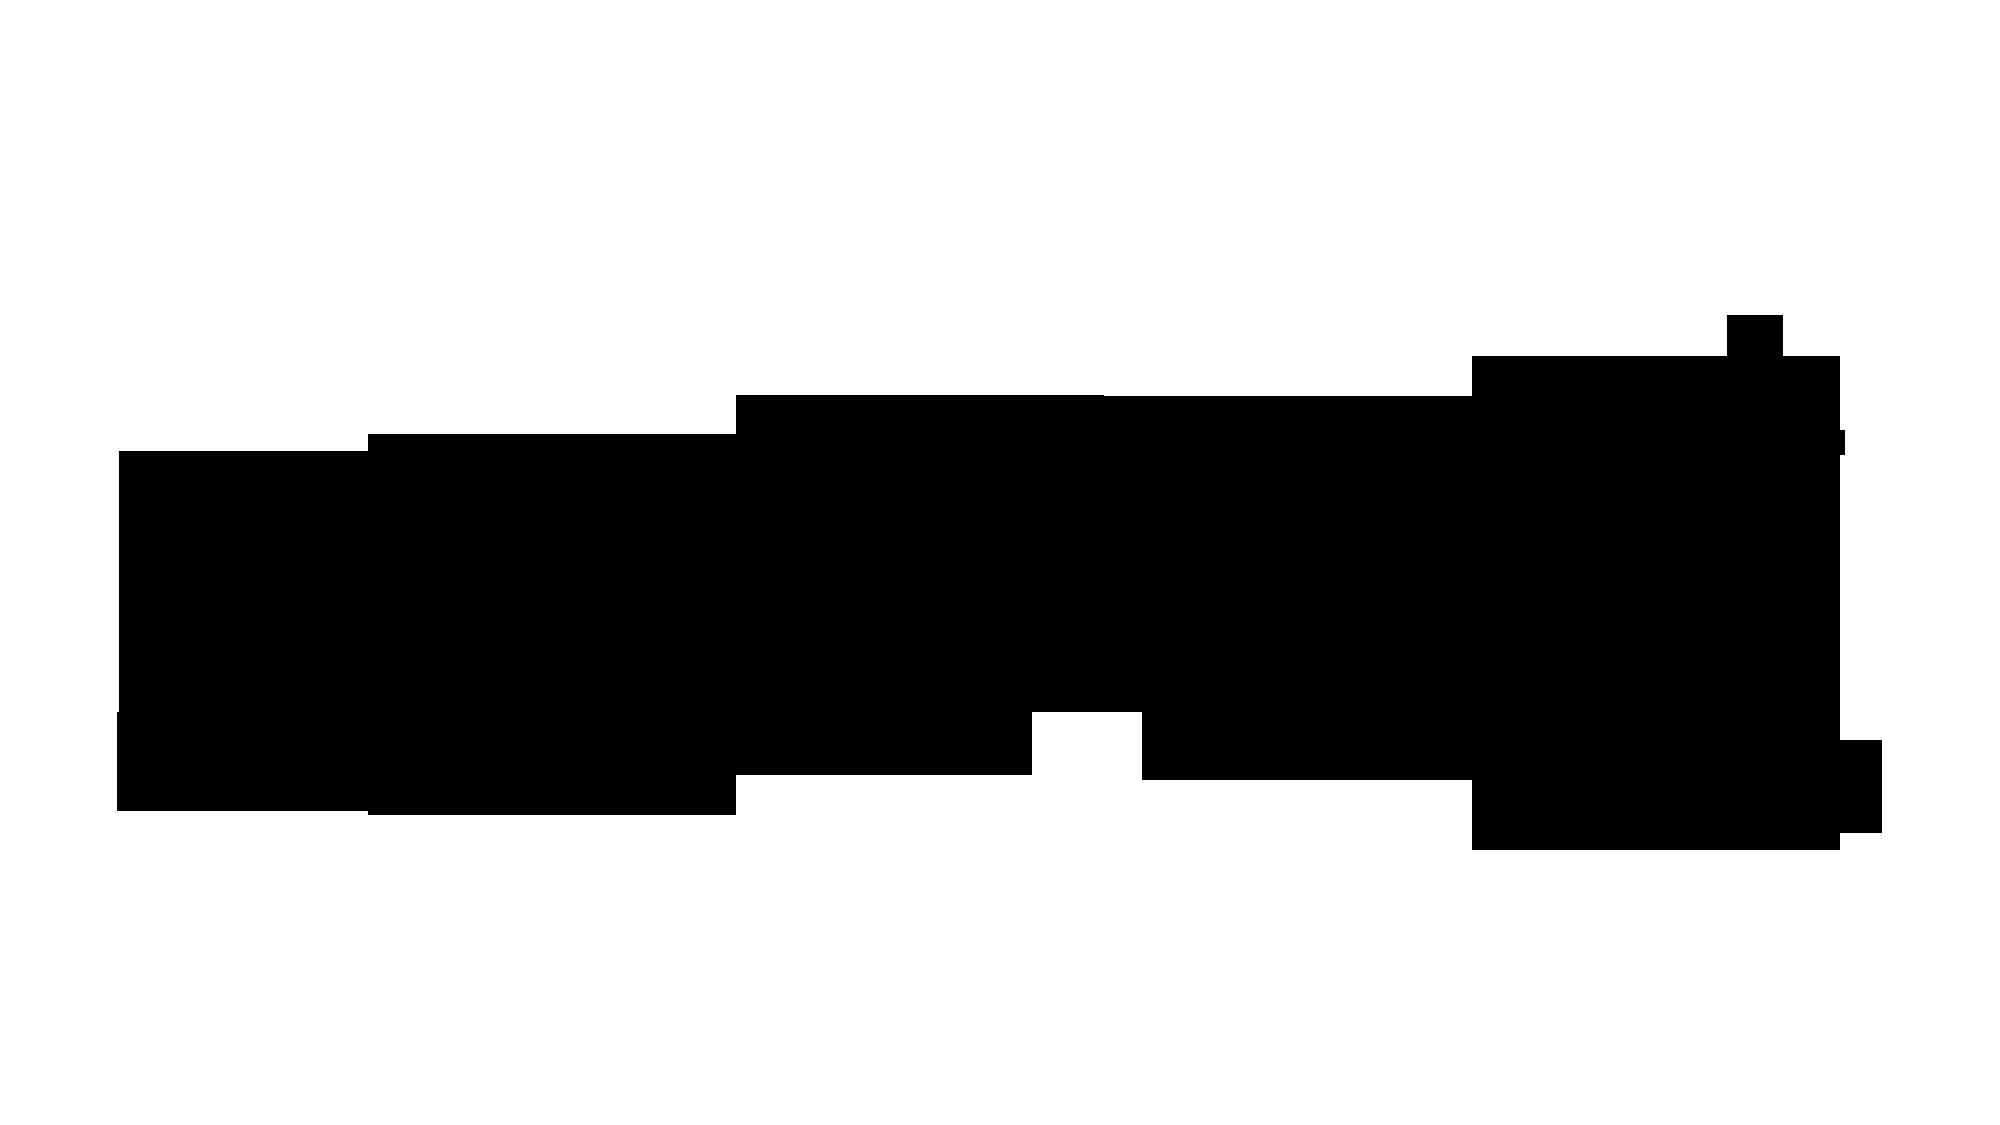 harald-martenstein-hitze-maenner